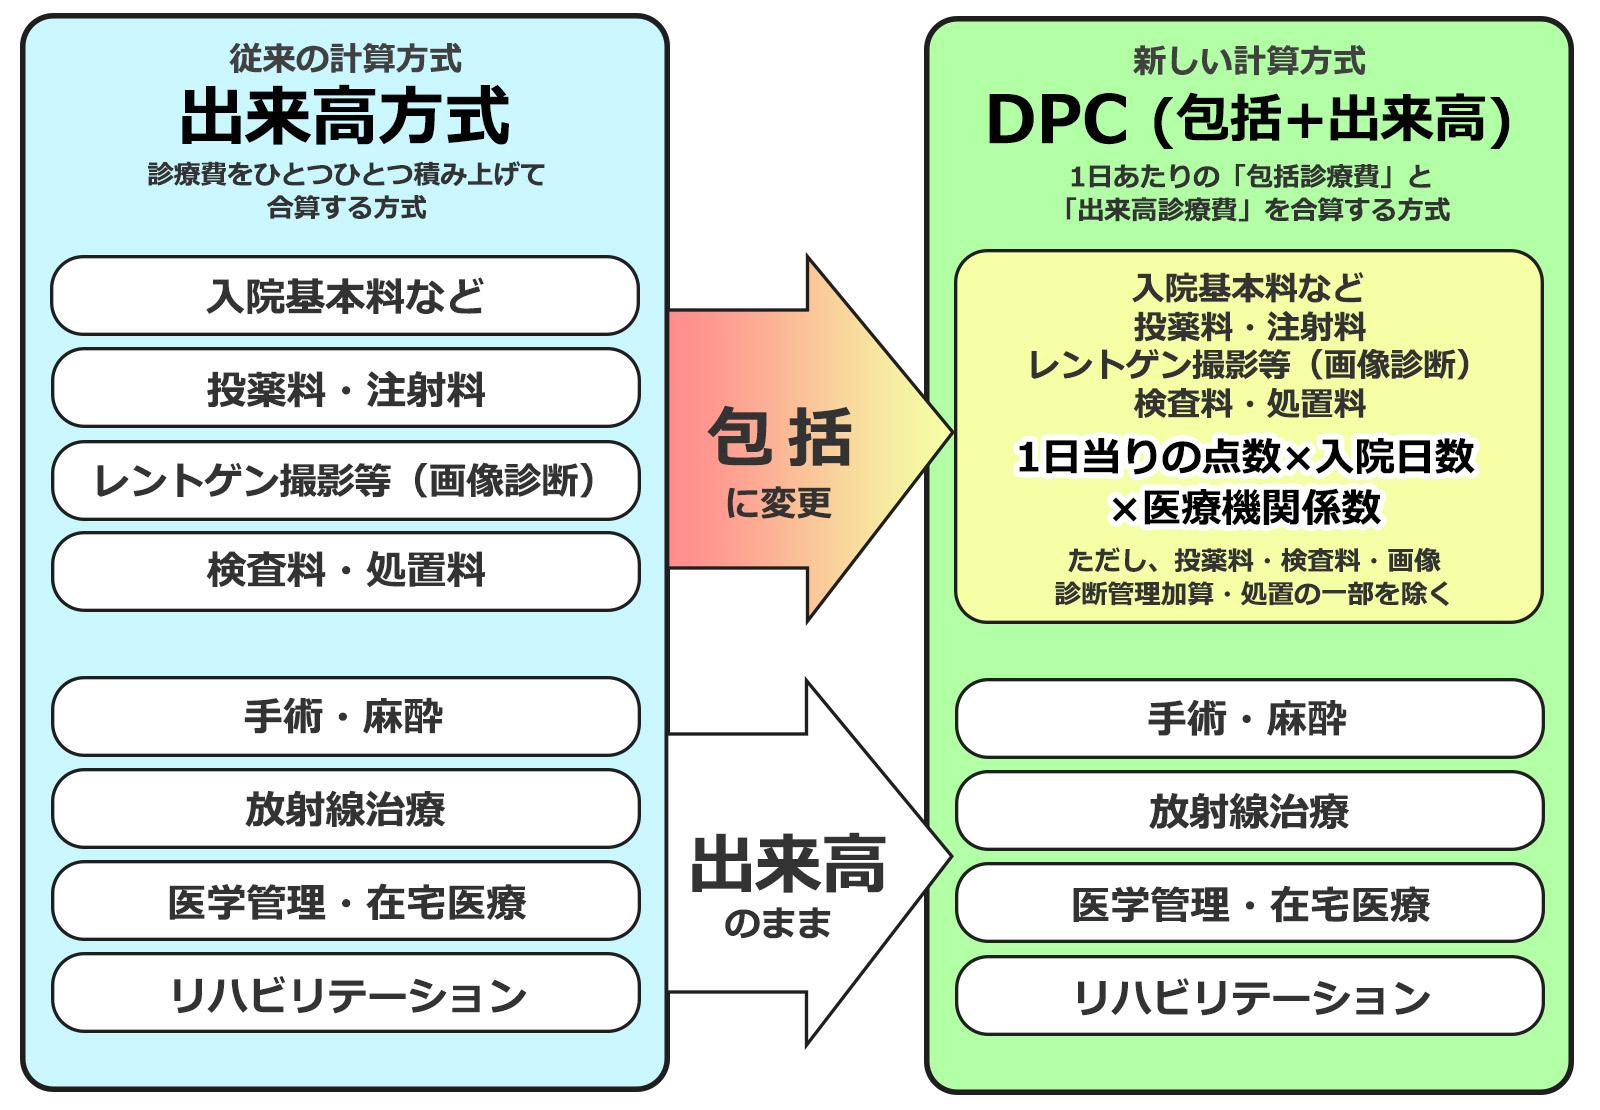 DPC制度について